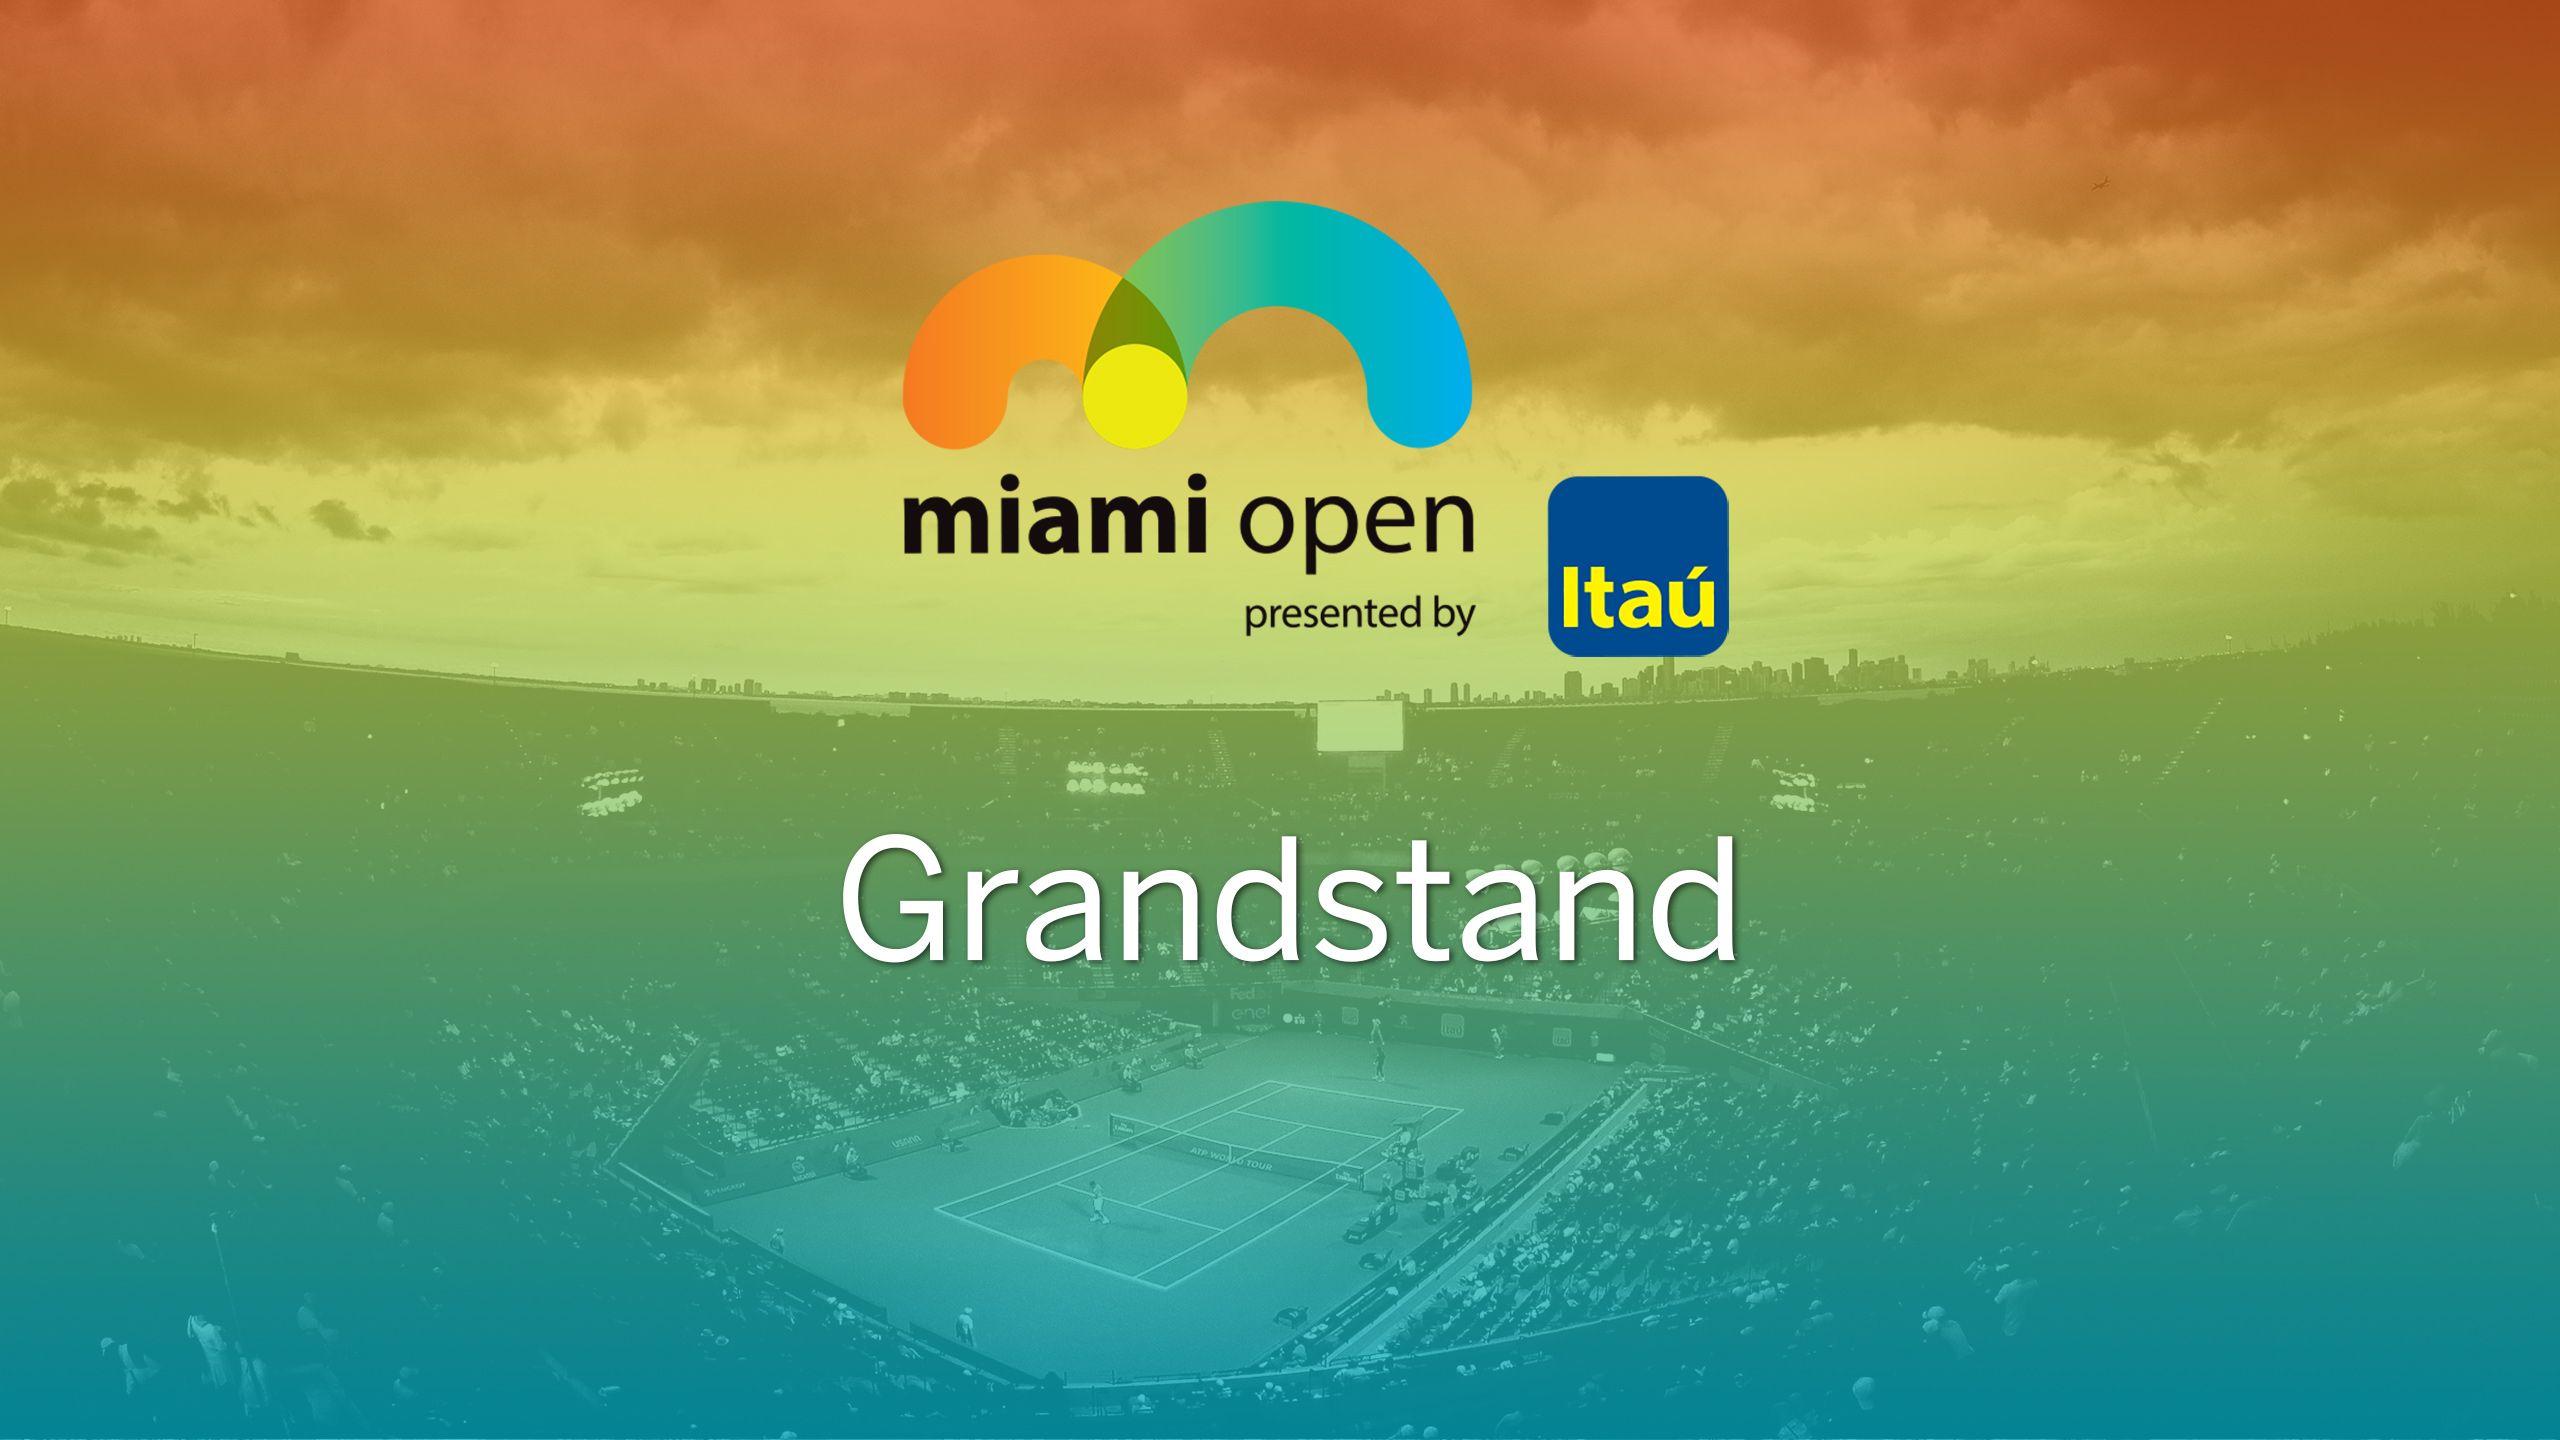 Miami Open - Grandstand (Second Round)